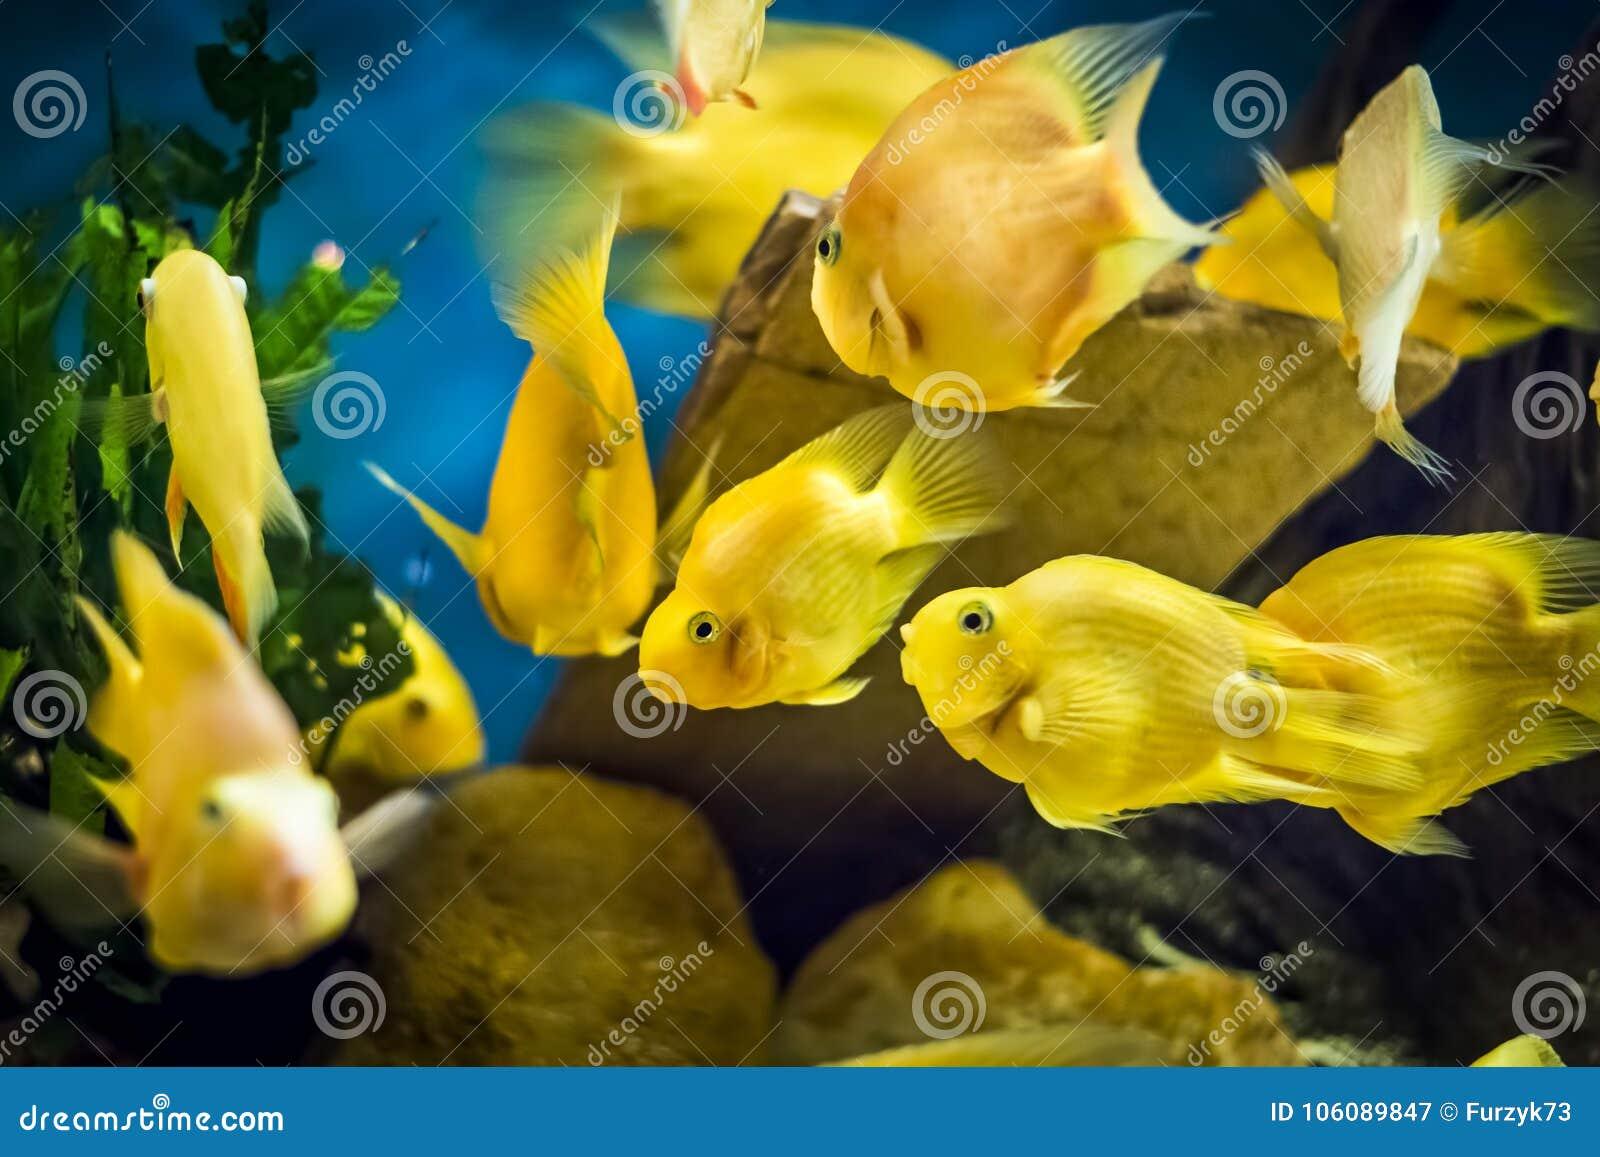 Αποτέλεσμα εικόνας για ενυδρειο με ψαρια